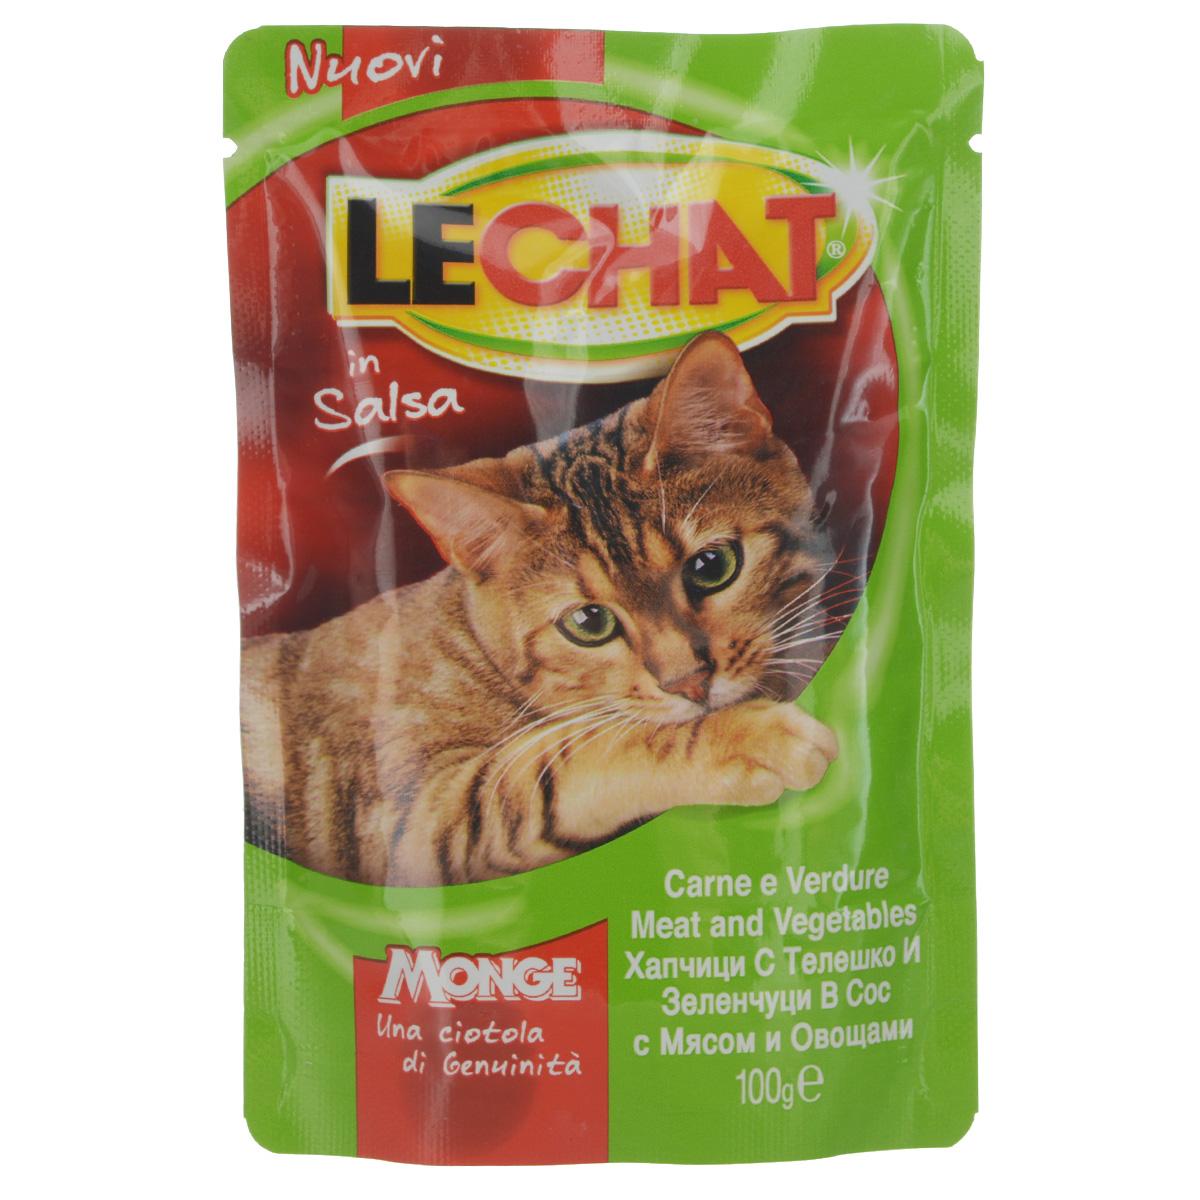 Консервы Monge Lechat для взрослых кошек, с говядиной и овощами, 100 г0120710Консервы Monge Lechat для взрослых кошек тщательно приготовлены из итальянского мяса. Без добавления консервантов и антиоксидантов. Экологически чистое производство гарантирует высочайшее качество и длительные сроки хранения консервов. Тщательный отбор сырья и содержащийся в нем полный набор витаминов и микроэлементов обеспечивает отличную усвояемость и отсутствие проблем с пищеварением у ваших любимых питомцев.Состав: мясо и мясные субпродукты (мясо мин. 4%), овощи (горох мин.4%), минеральные вещества, витамины.Пищевая ценность: протеин 9%, жир 4%, клетчатка 1%, влага 82%. Витамины: витамин А 2000 МЕ/кг, витамин D3 200 МЕ/кг, витамин Е 5 мг/кг.Товар сертифицирован.